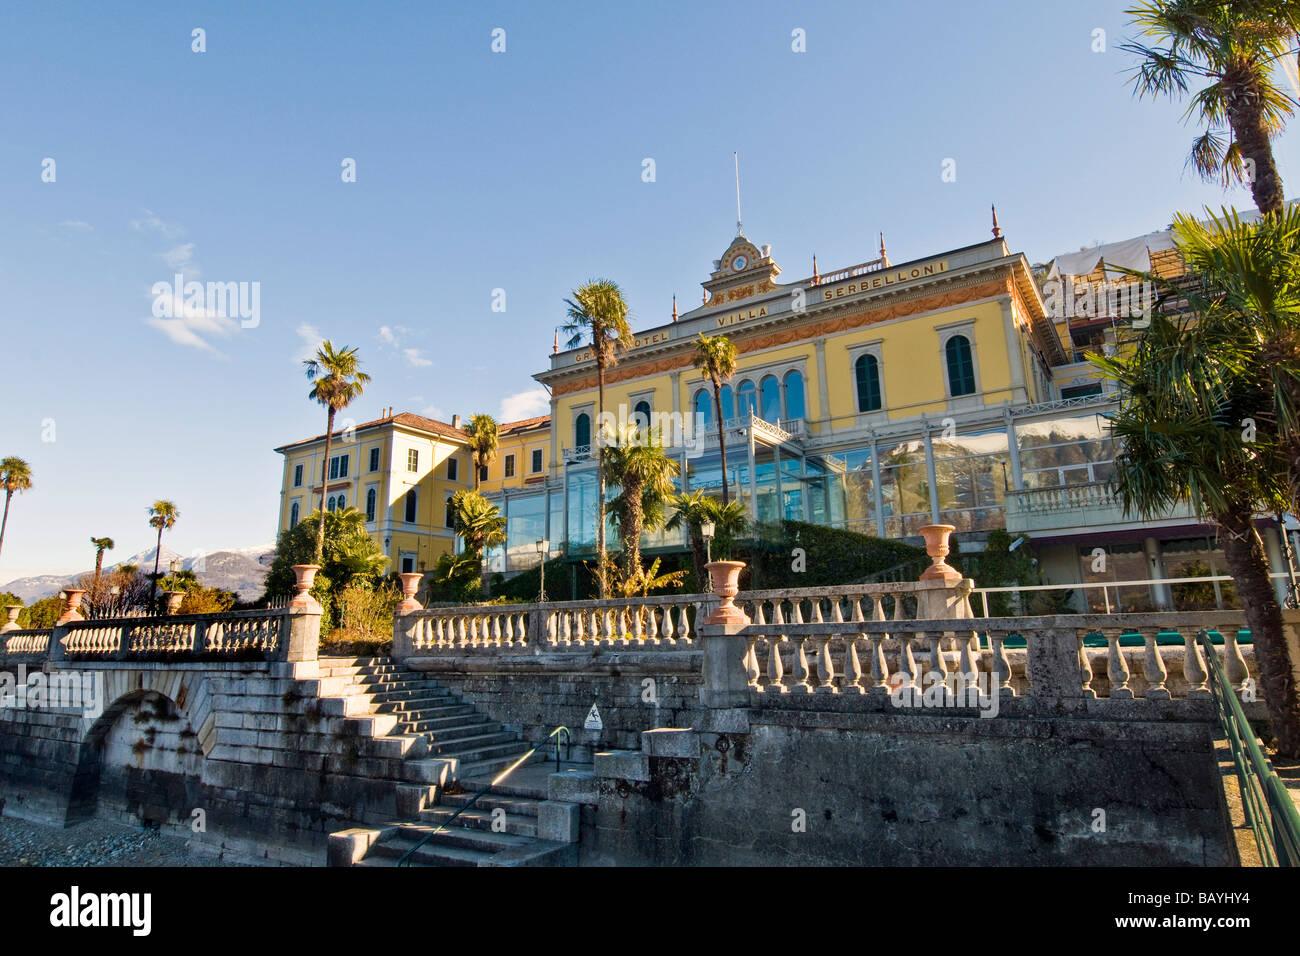 Grand Hotel Serbelloni